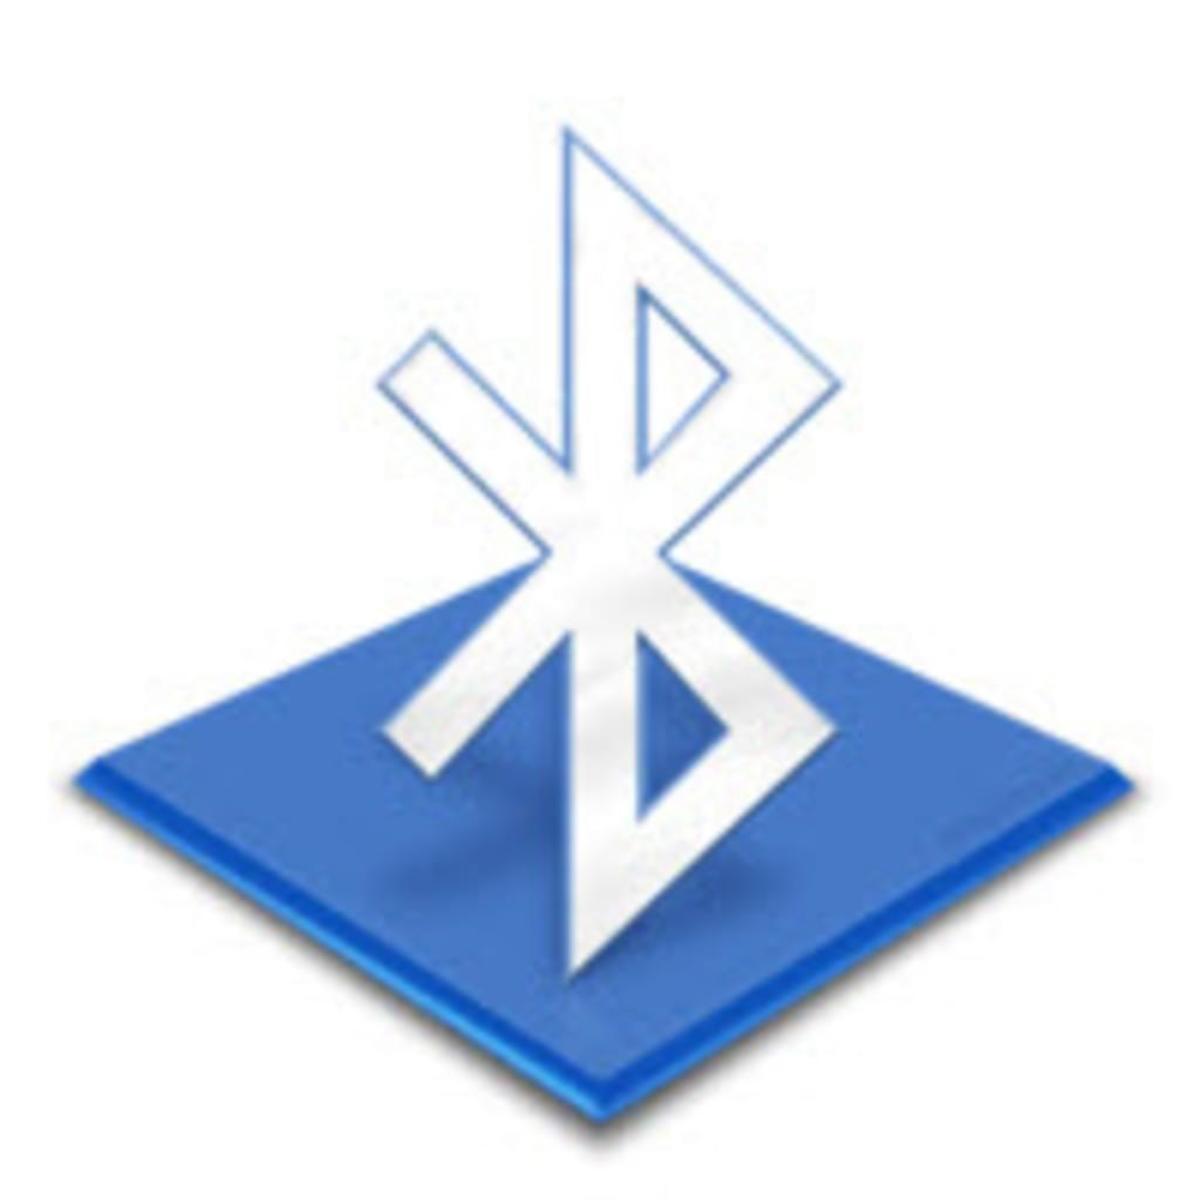 Bild 5 von Microsoft Surface Go, 25,4 cm (10 Zoll), 1800 x 1200 Pixel, 128 GB, 8 GB, Windows 10 S, Silber